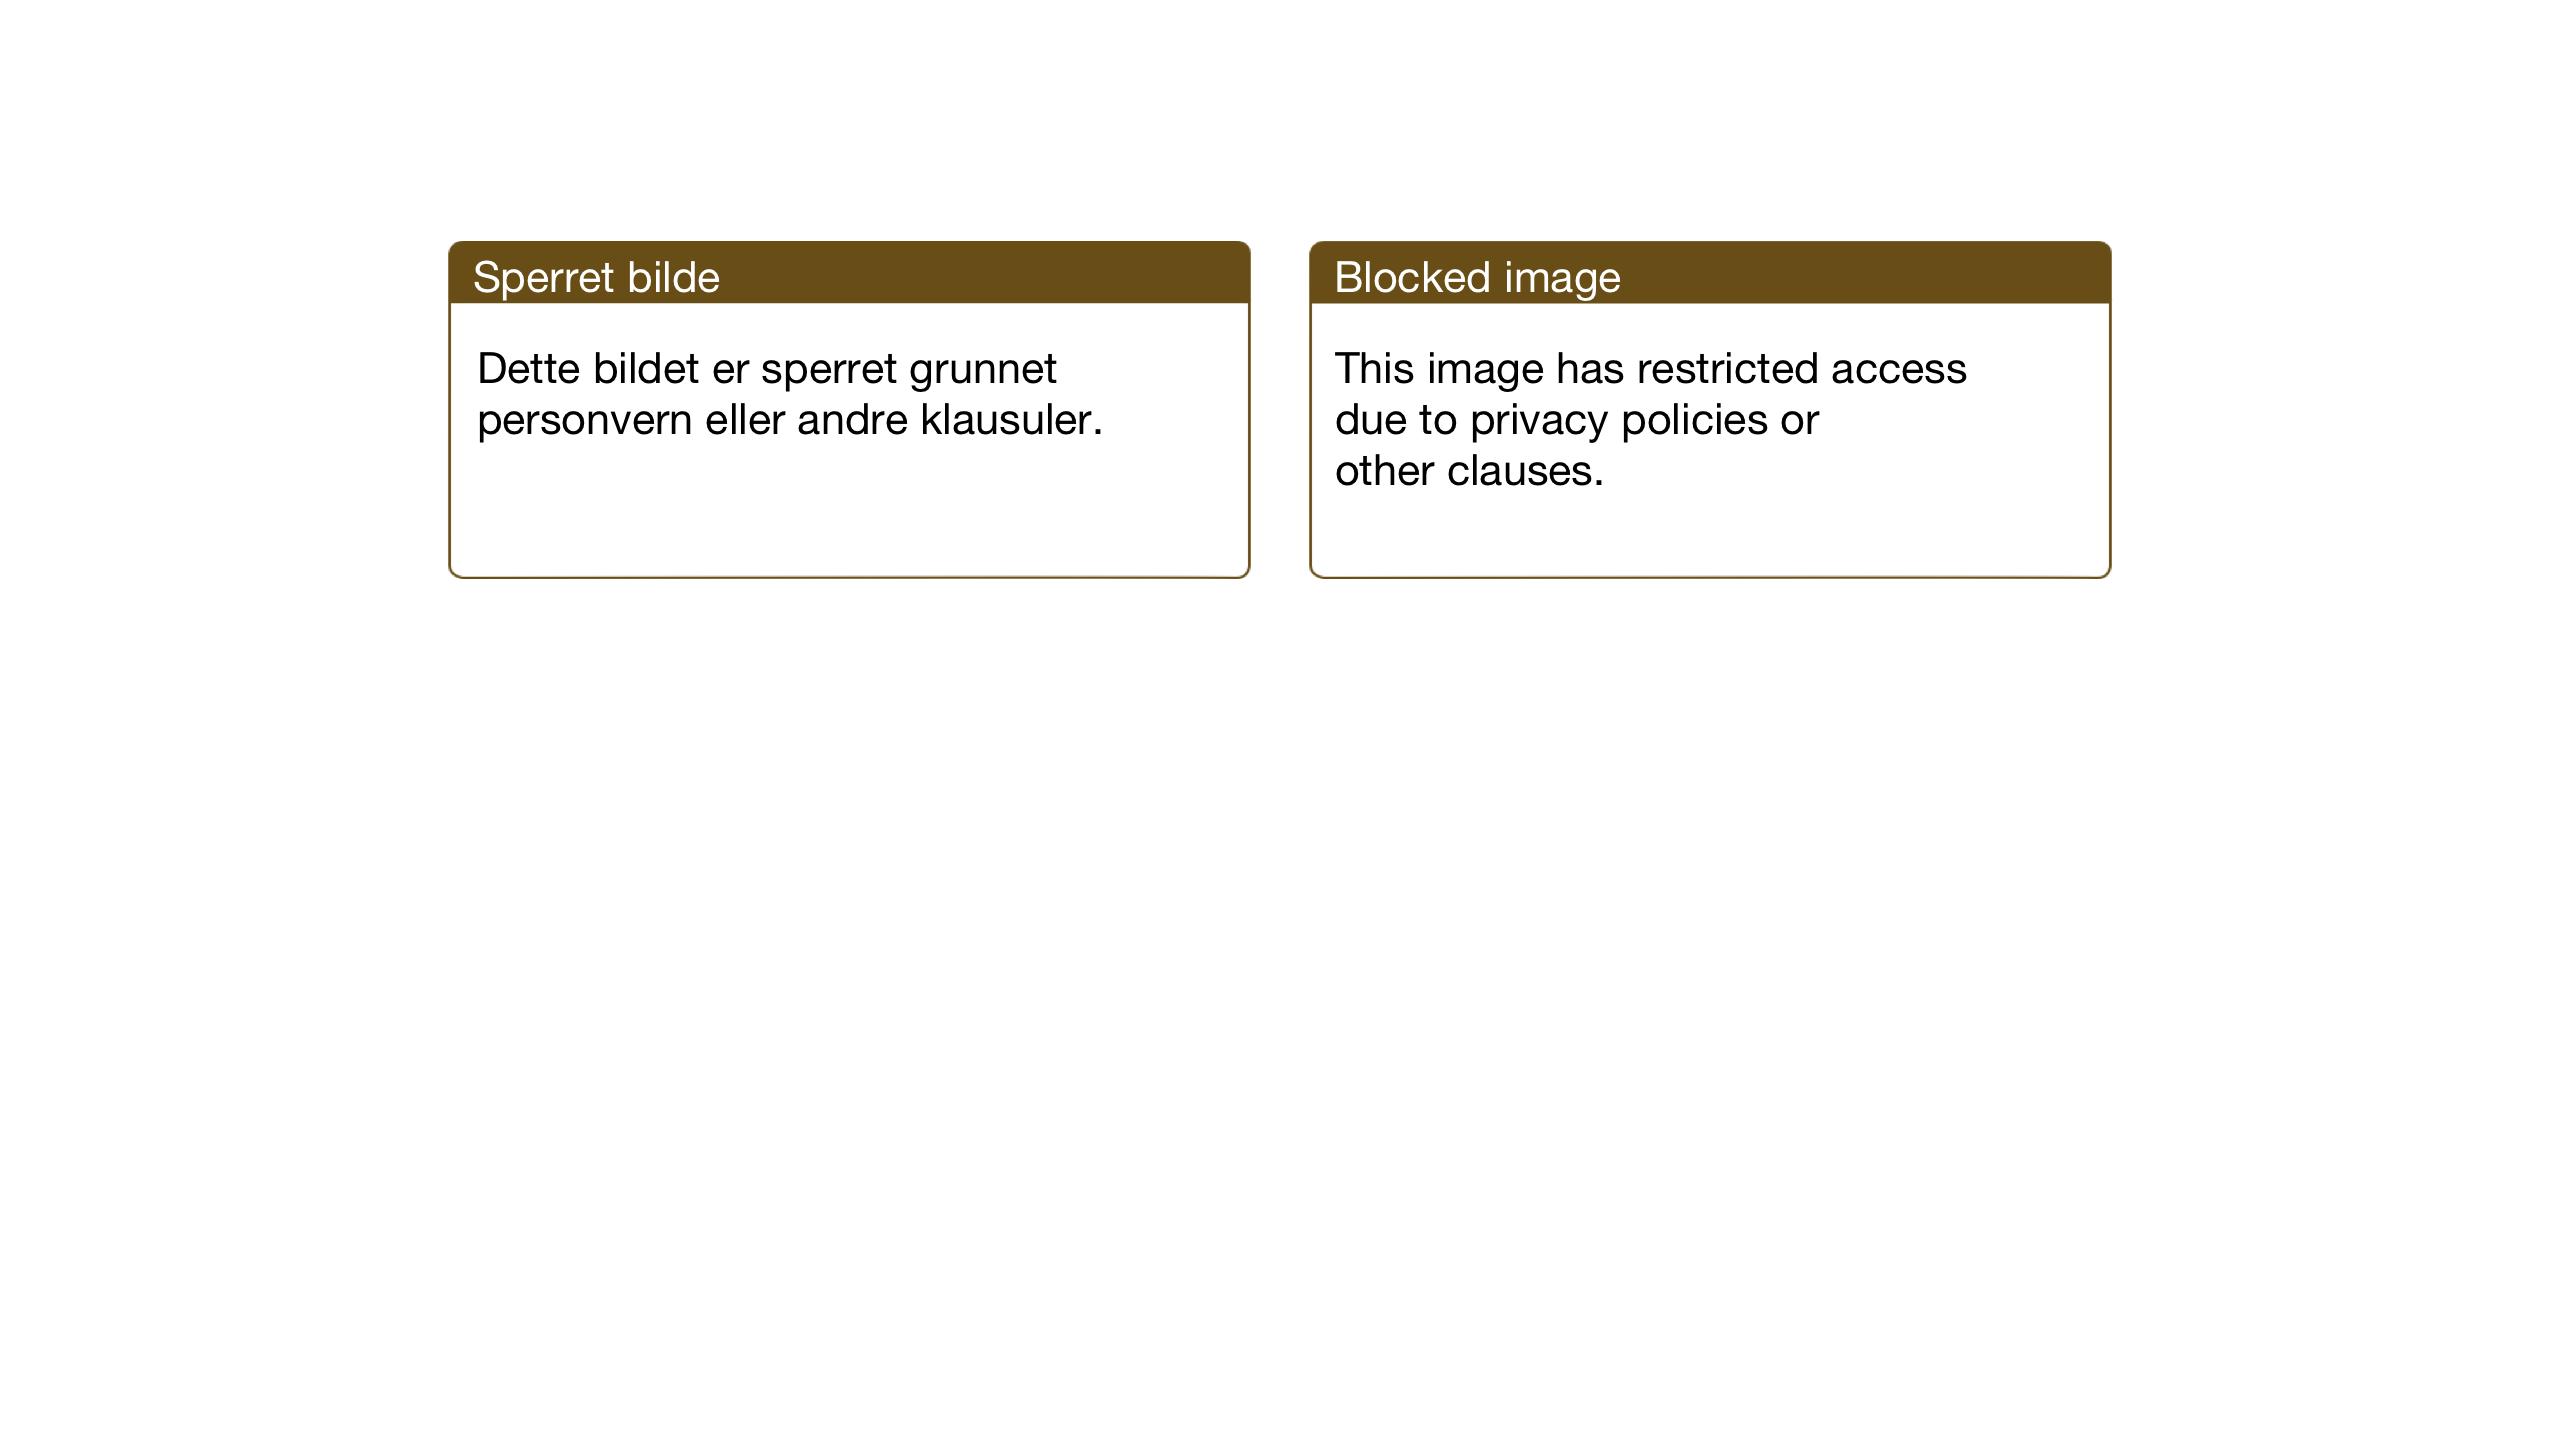 SAT, Ministerialprotokoller, klokkerbøker og fødselsregistre - Nord-Trøndelag, 701/L0019: Klokkerbok nr. 701C03, 1930-1953, s. 198